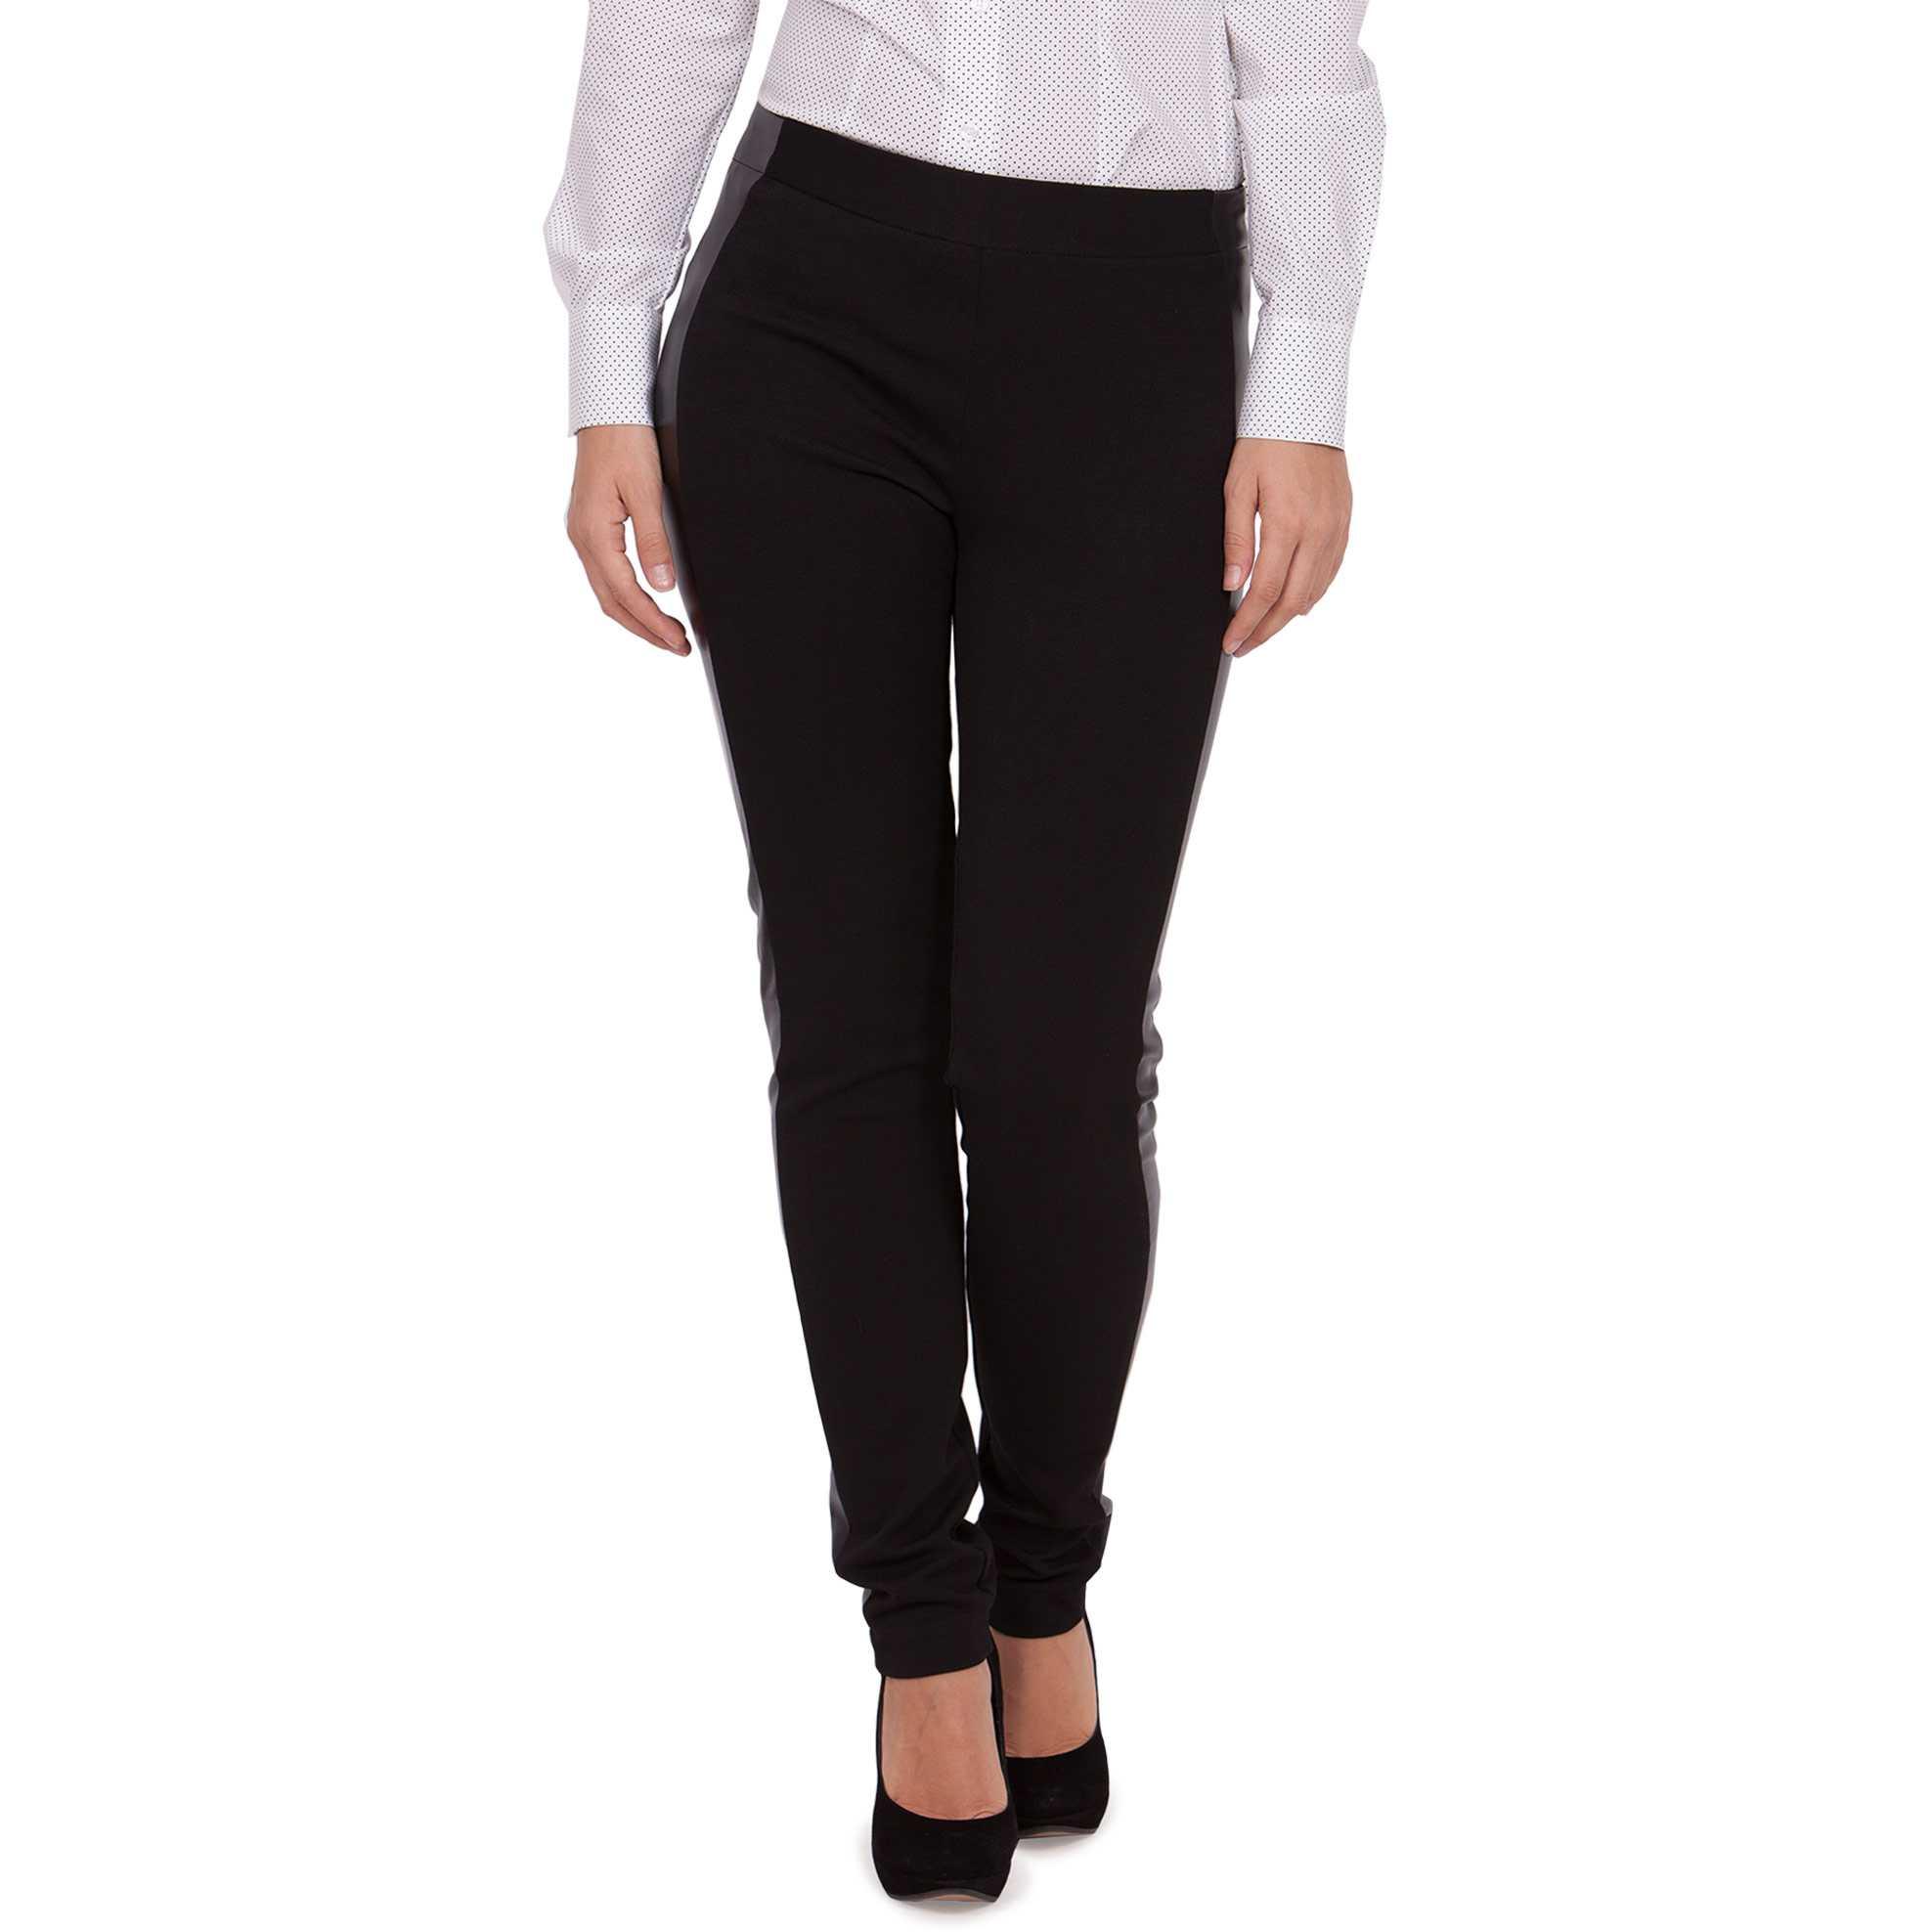 Pantaloni negri cu insertii de piele model WR04